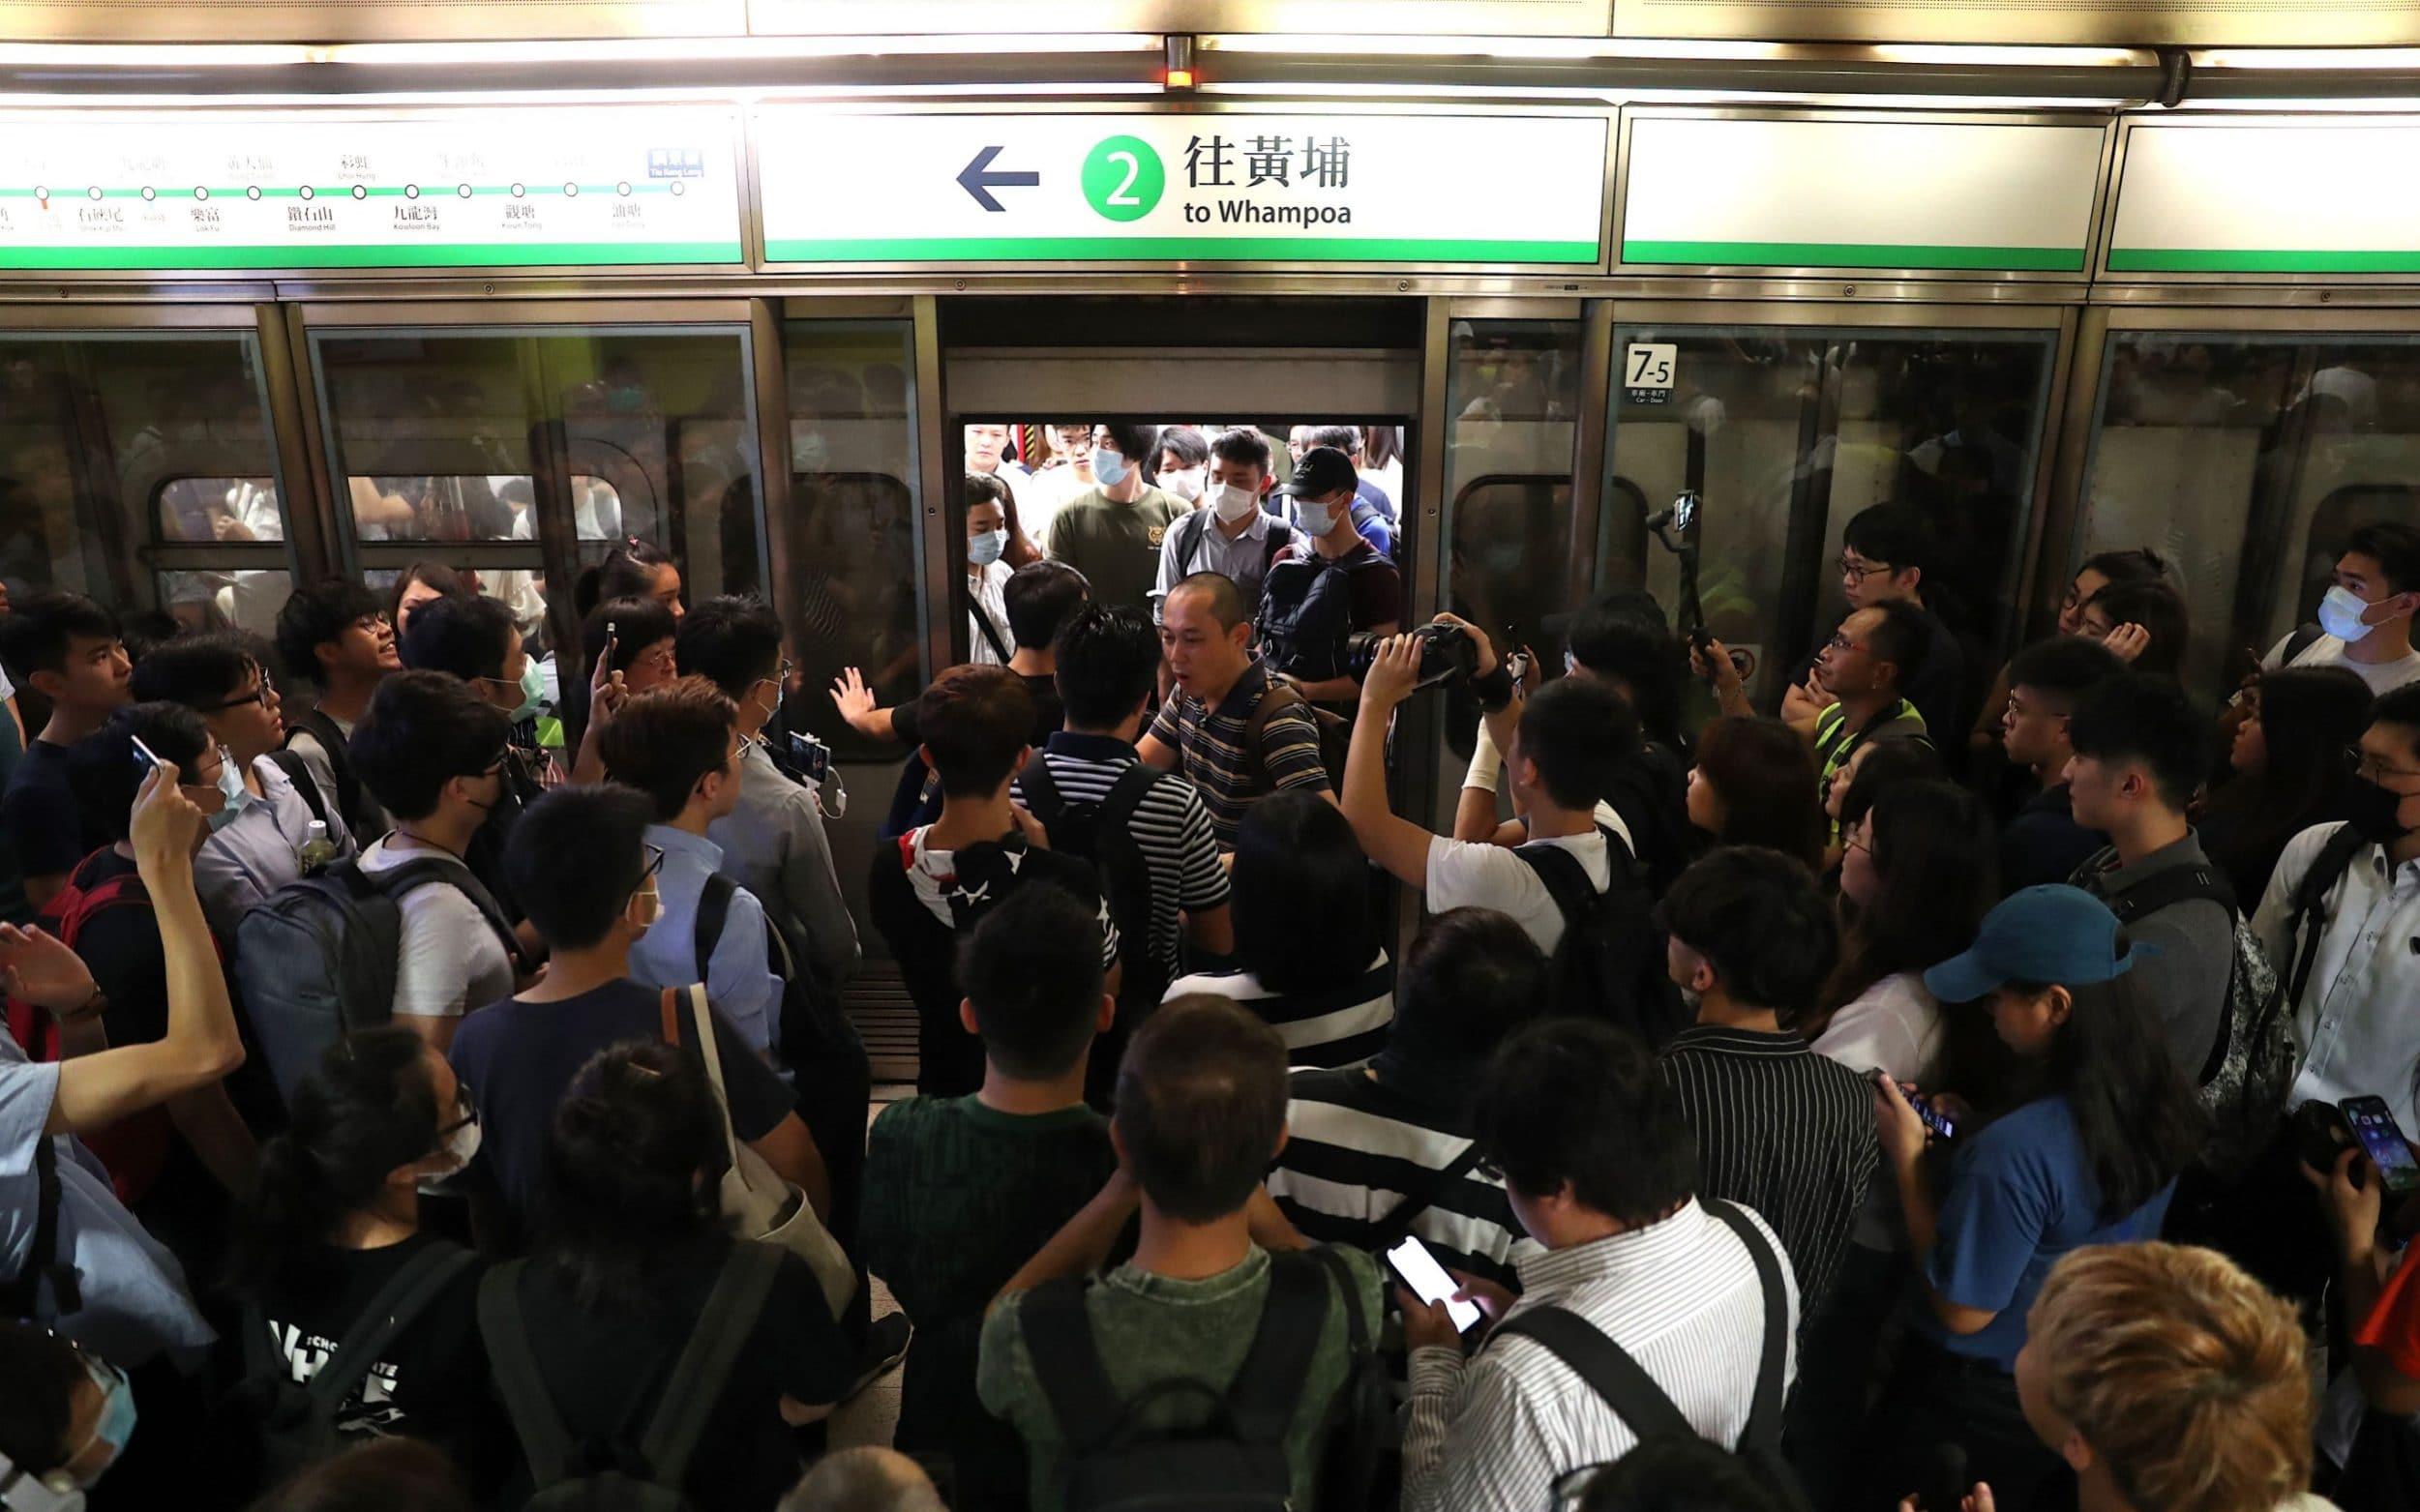 Hong Kong protesters block train doors from closing to disrupt subway services